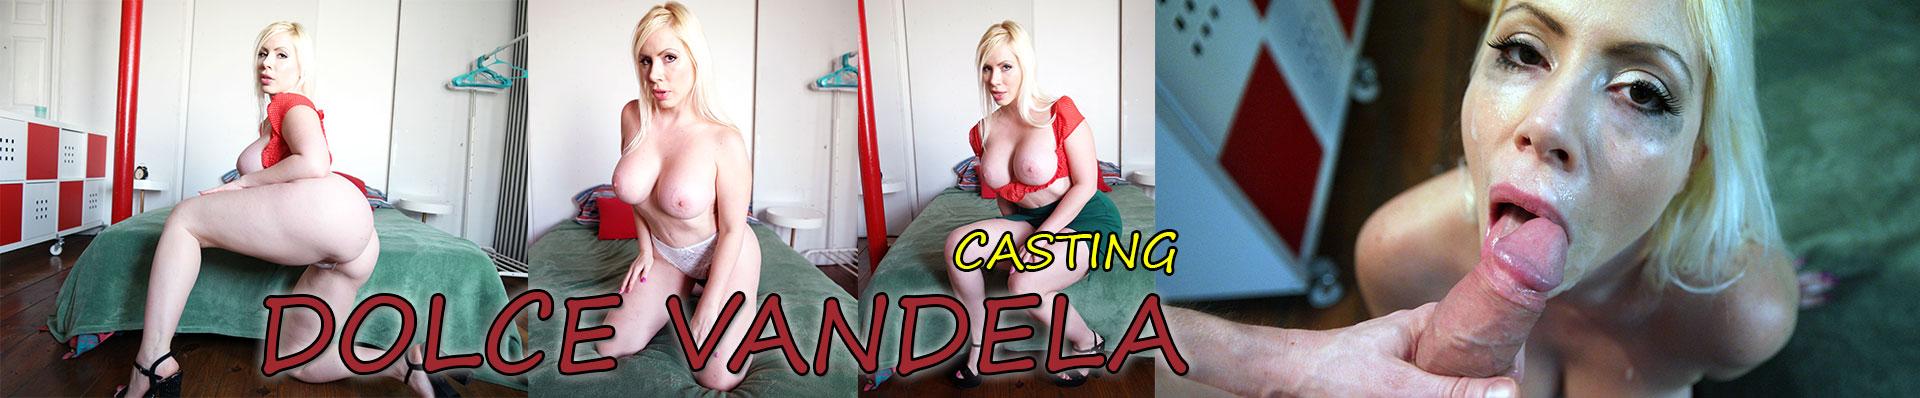 exposedlatinas.com | Penny Love Casting